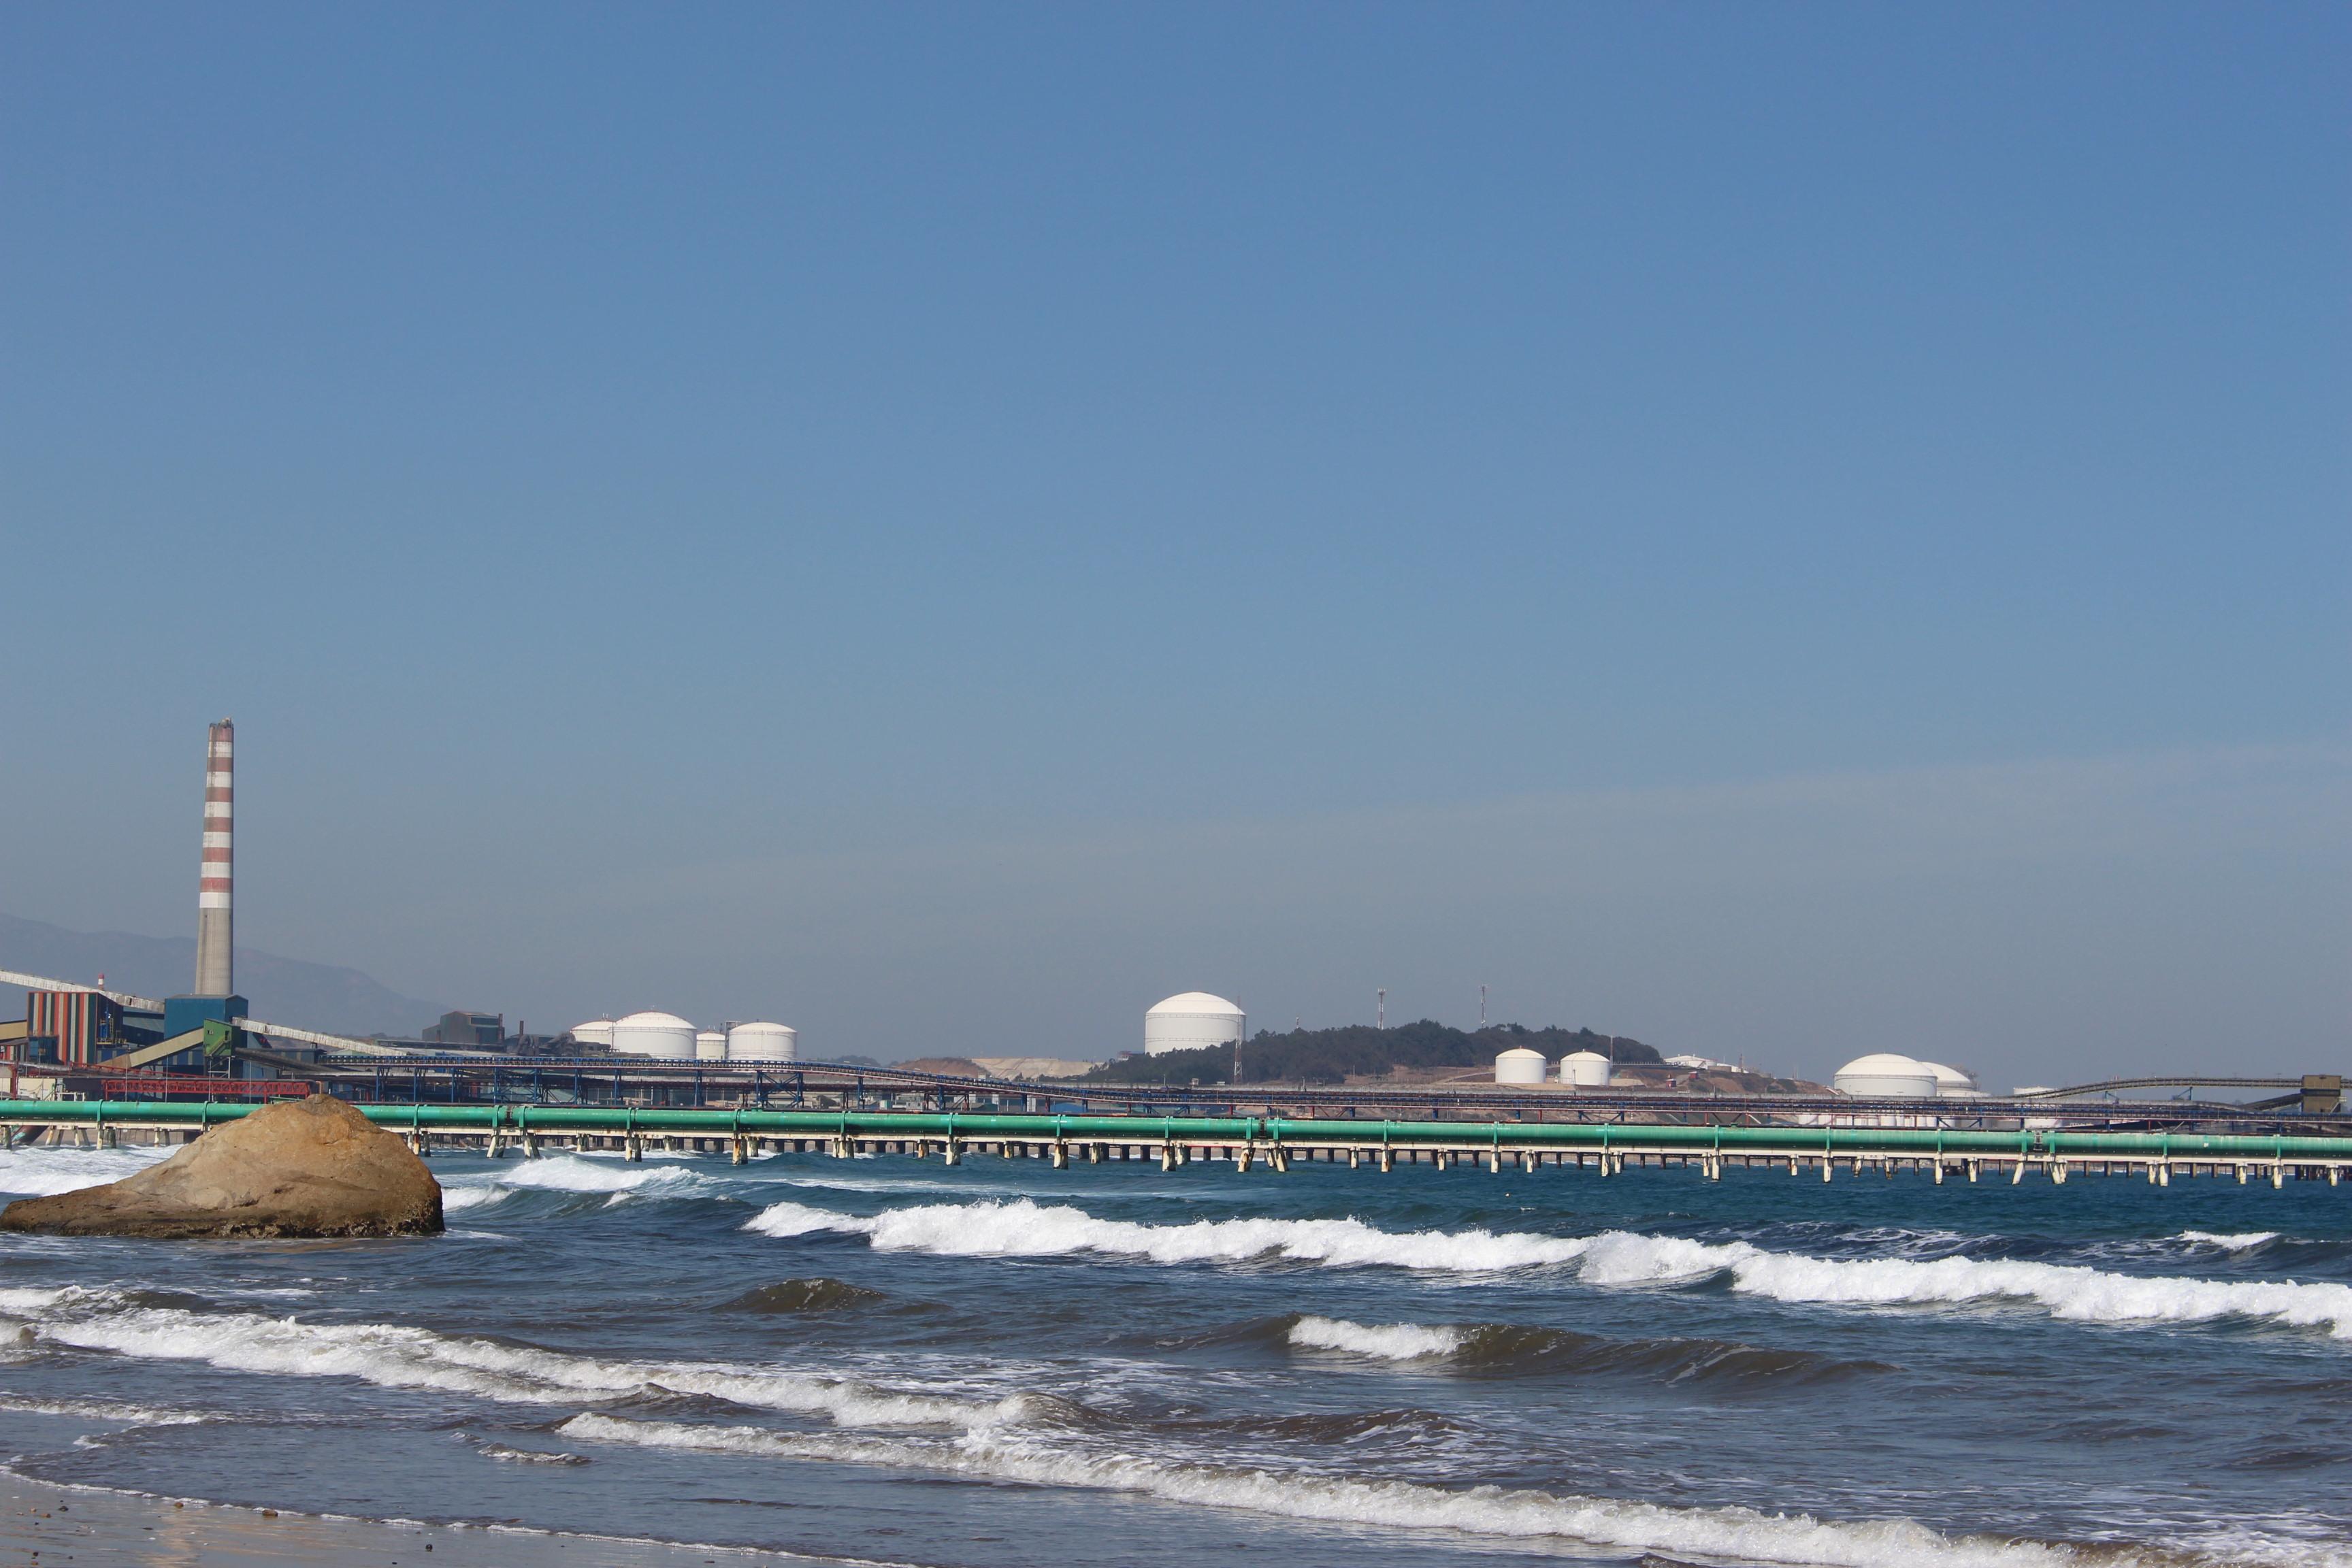 Sinergismo y dióxido de azufre: las tesis que explicarían las intoxicaciones masivas en la Bahía de Quintero